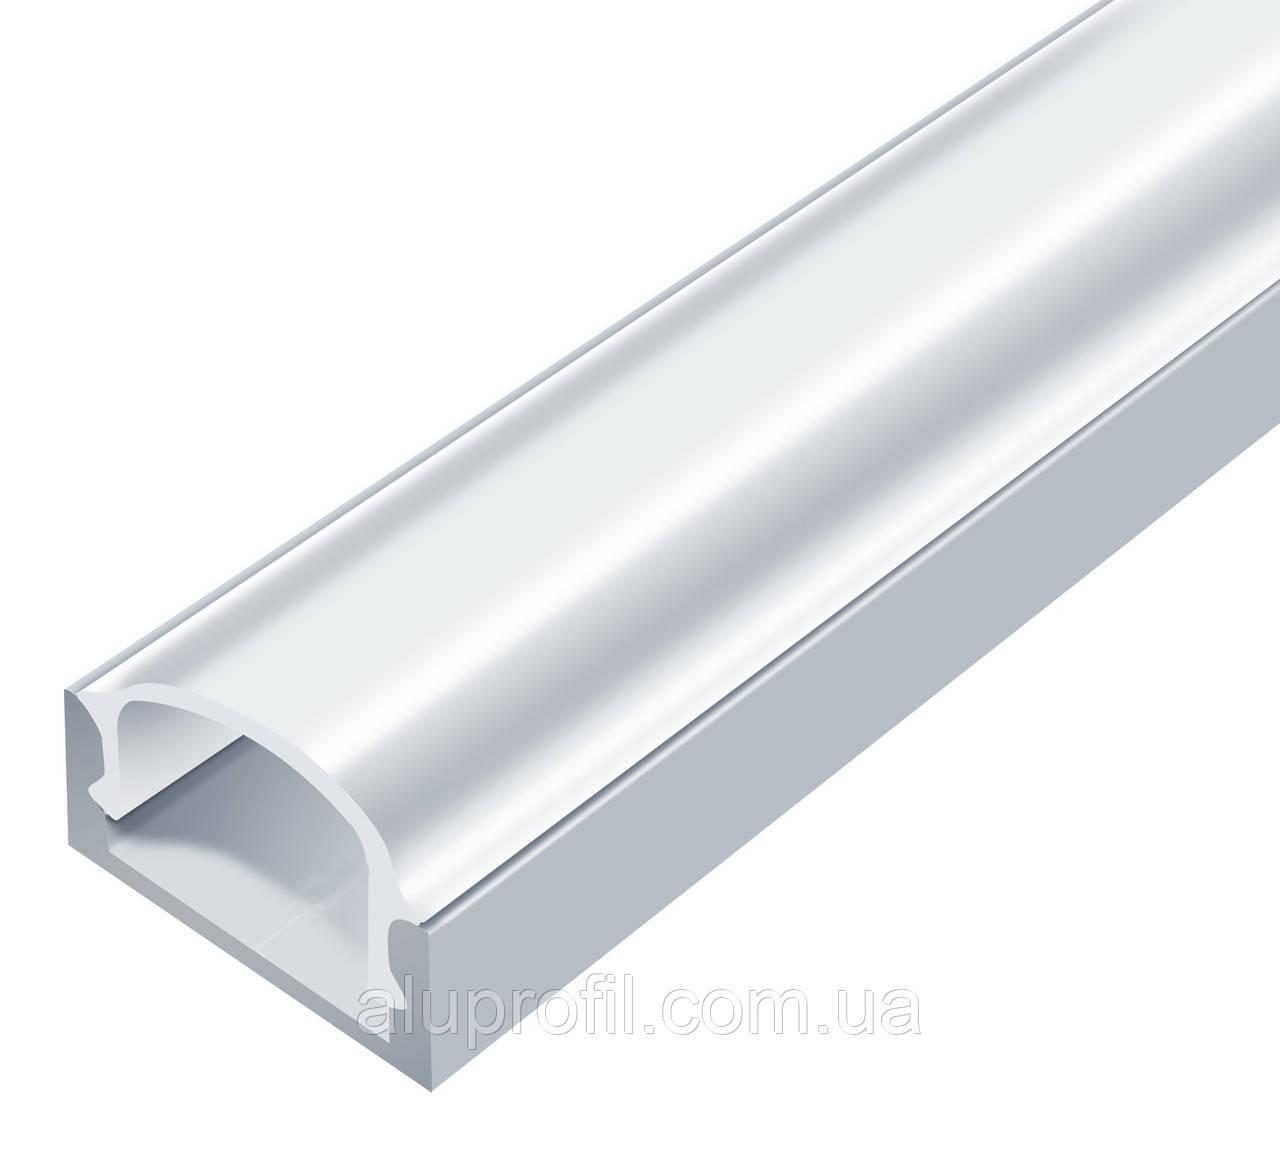 Линза (светорассеиватель) для LED профиля Z000 прозрачная